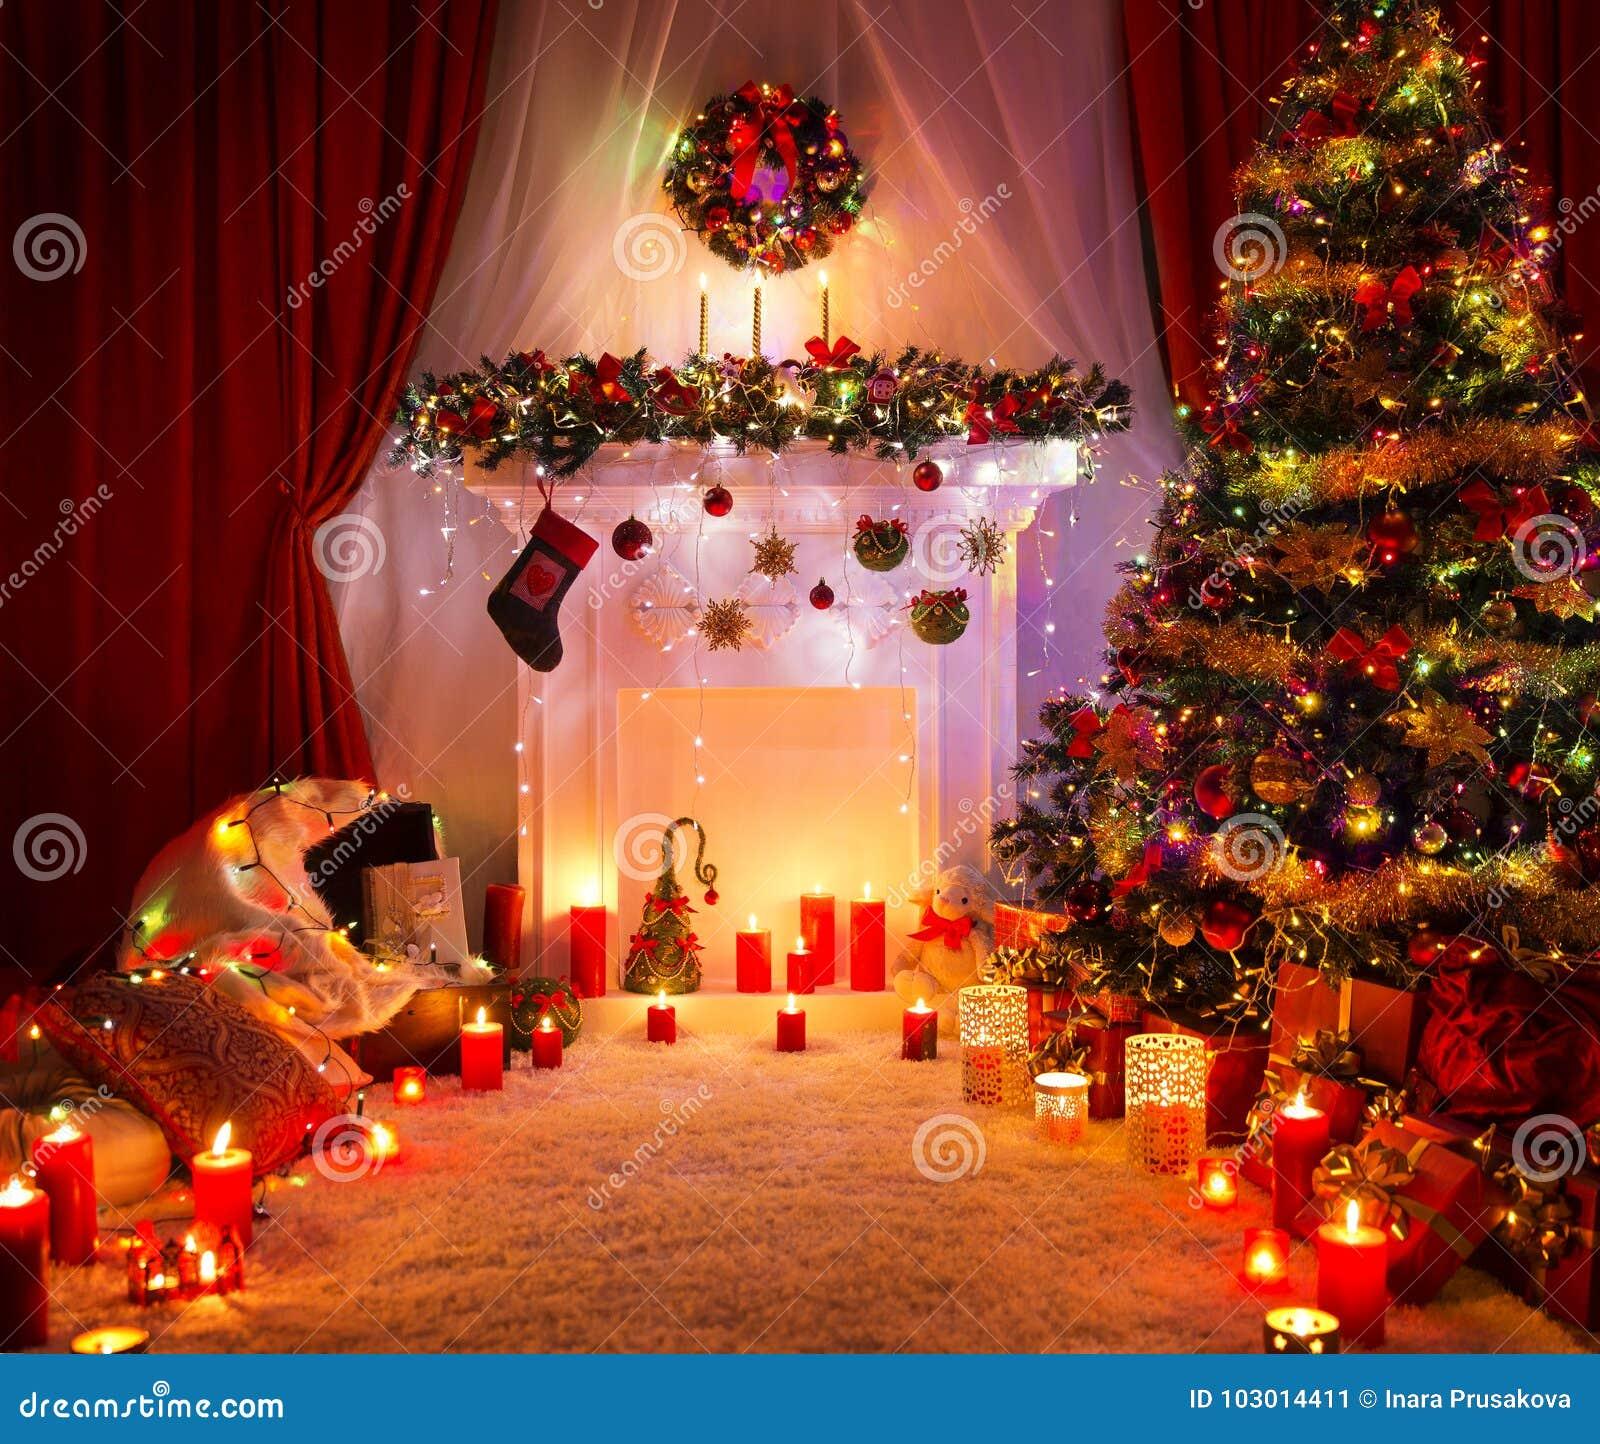 Weihnachtsraum Weihnachtsbaum Kamin Dekoration Beleuchtend Stockbild Bild Von Beleuchtend Weihnachtsraum 103014411